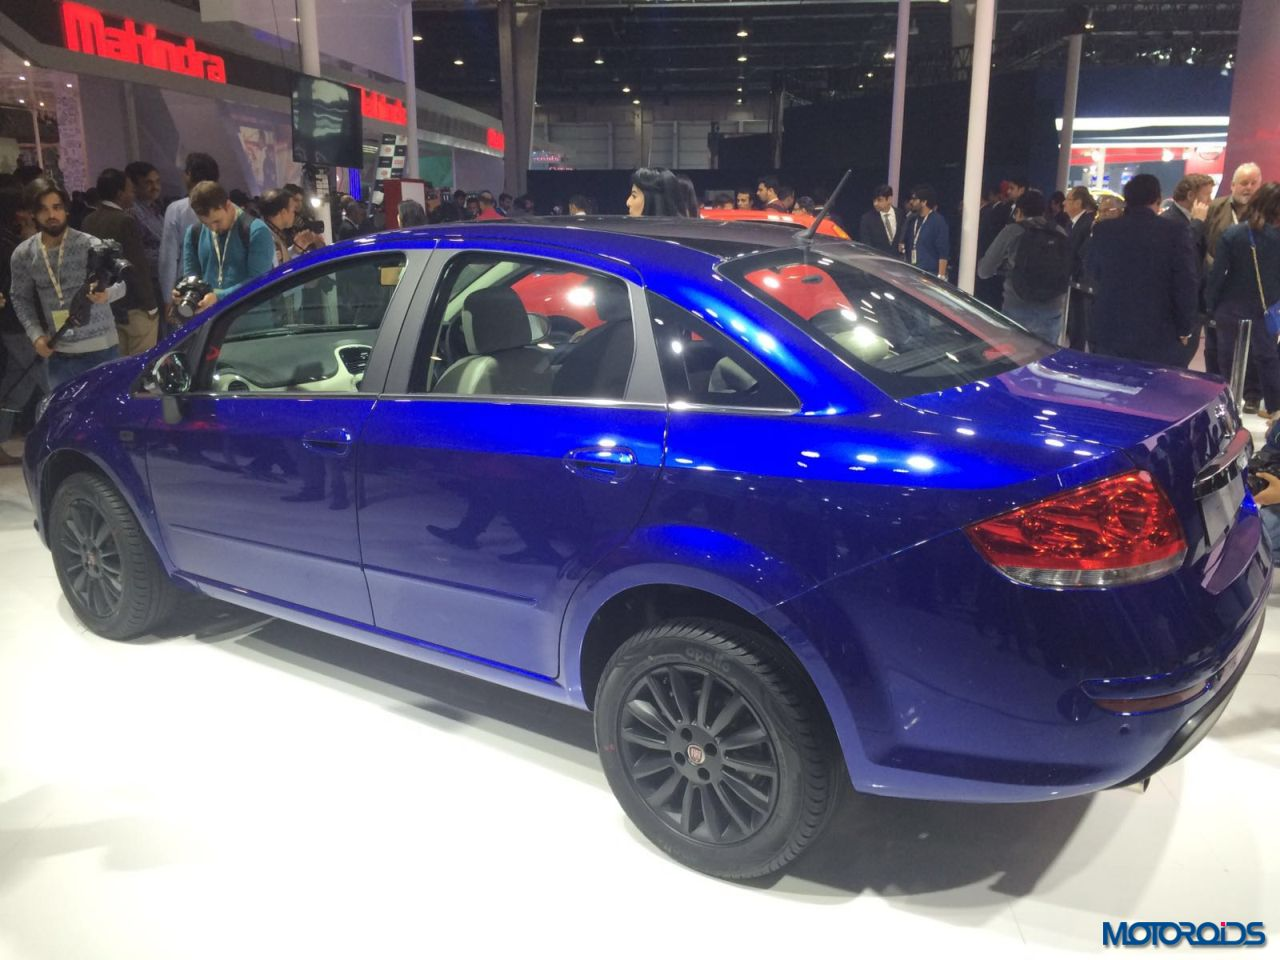 Fiat Linea 125S Auto Expo 2016 (9)